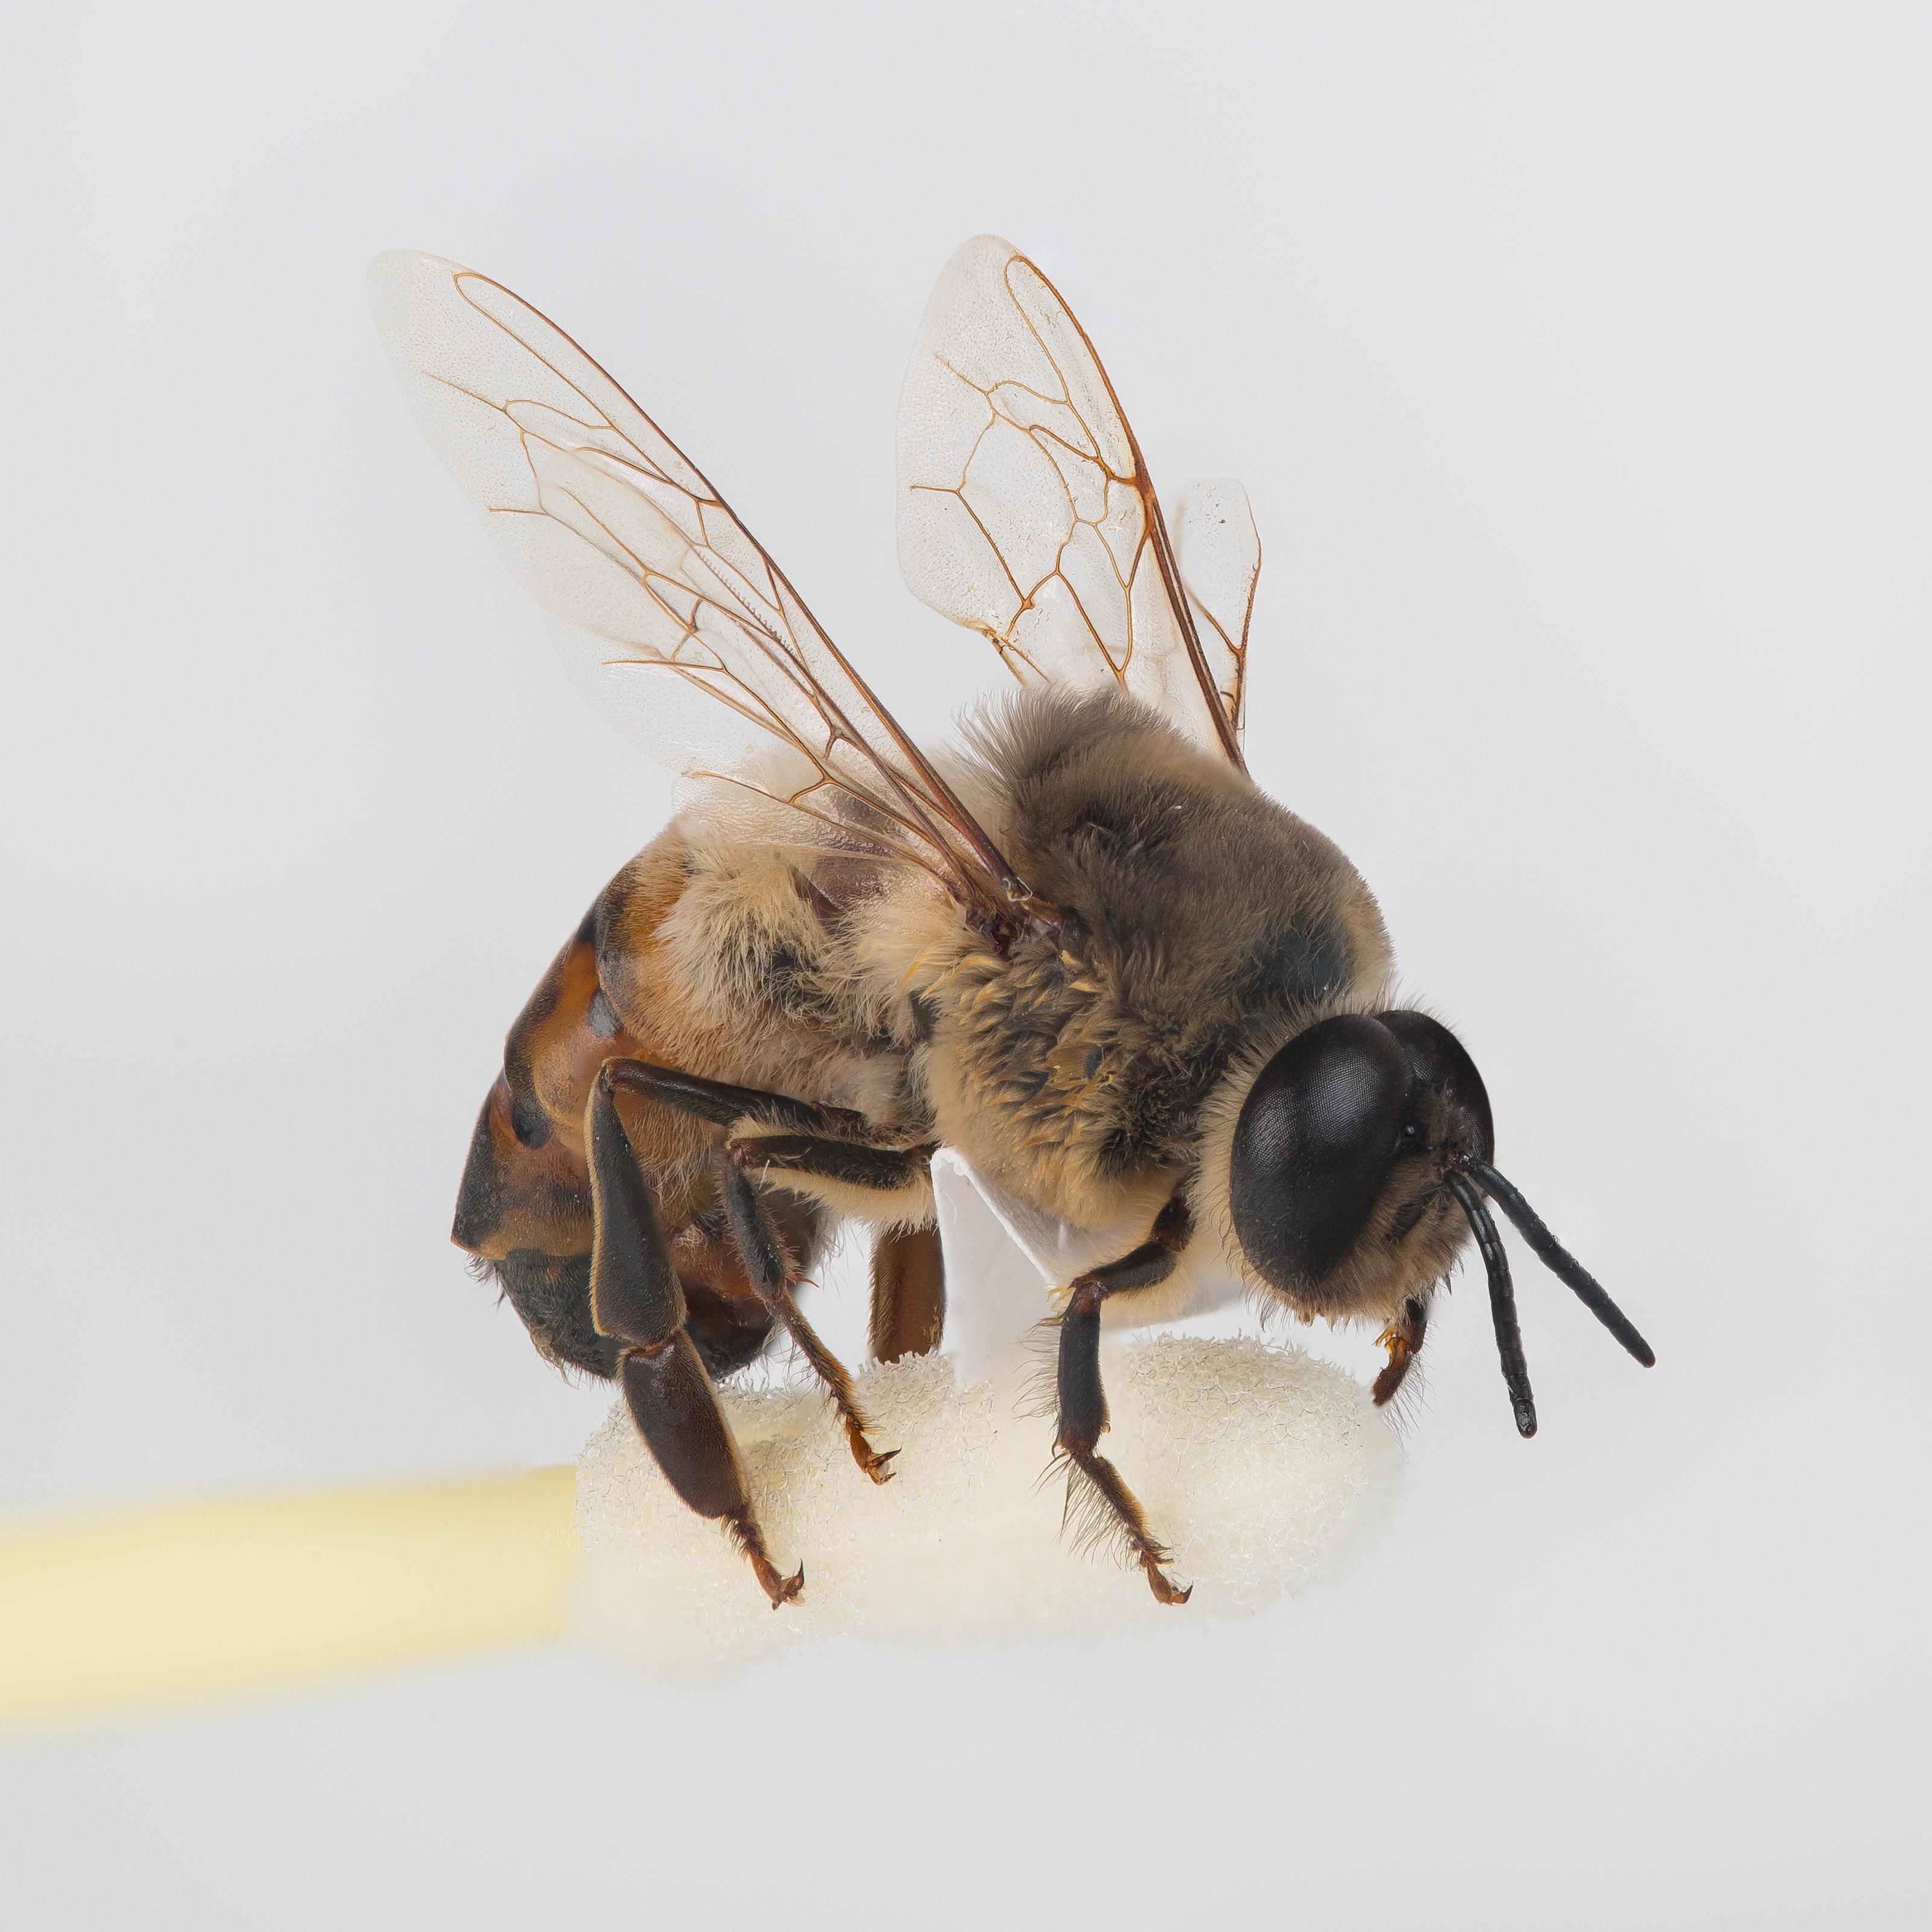 Drone Bee Wikipedia